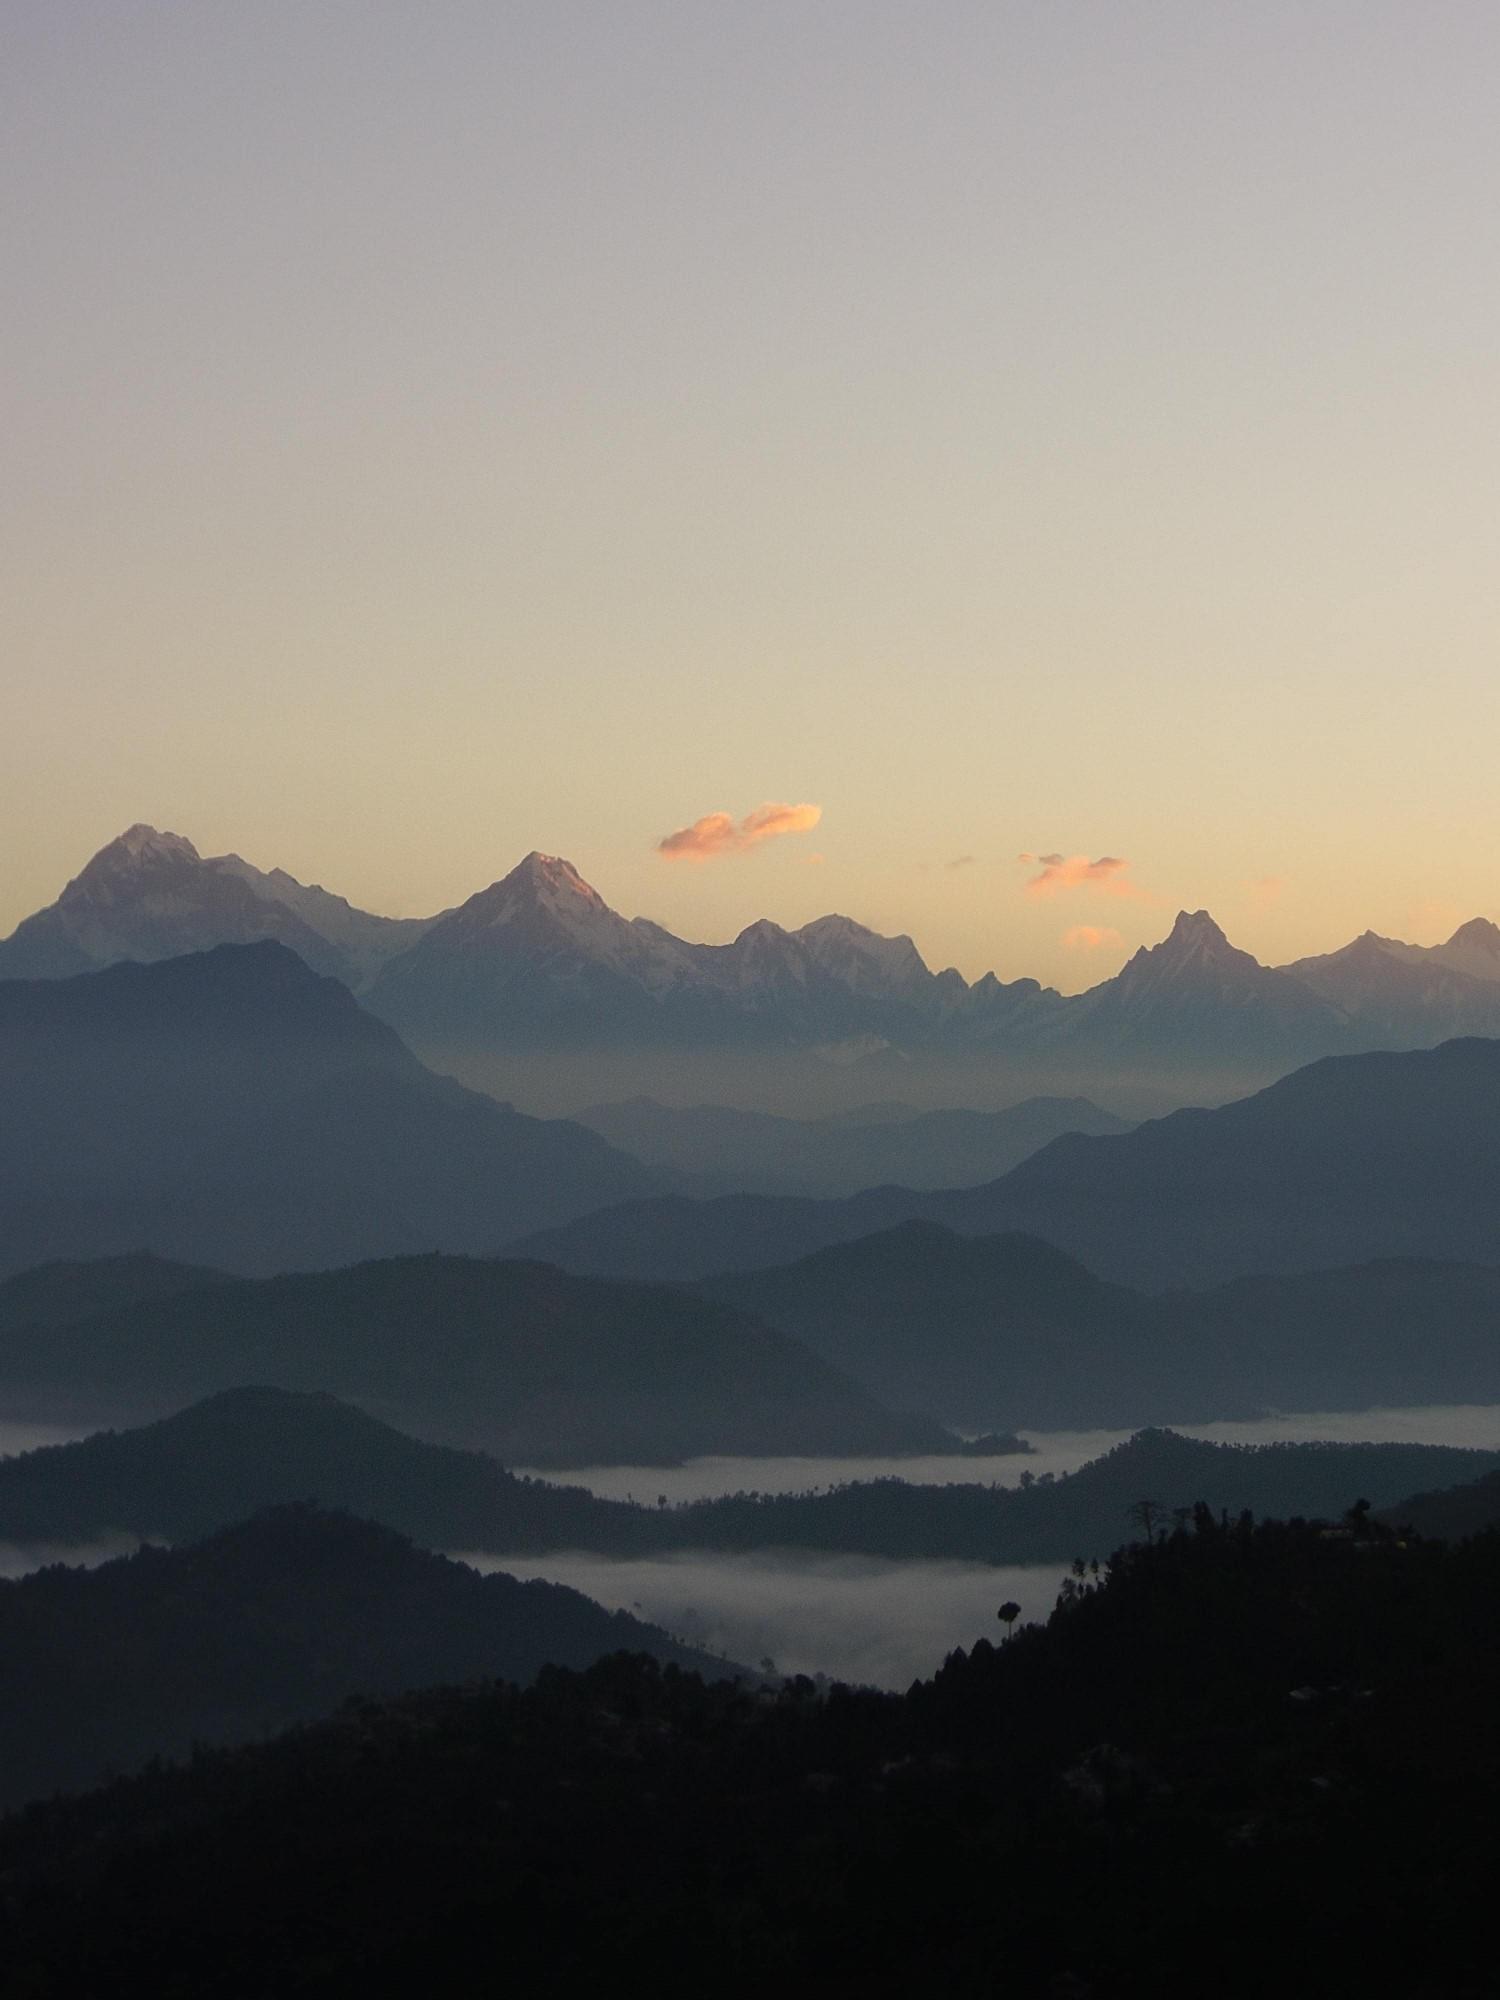 paysage boisé et montagneux en haute altitude